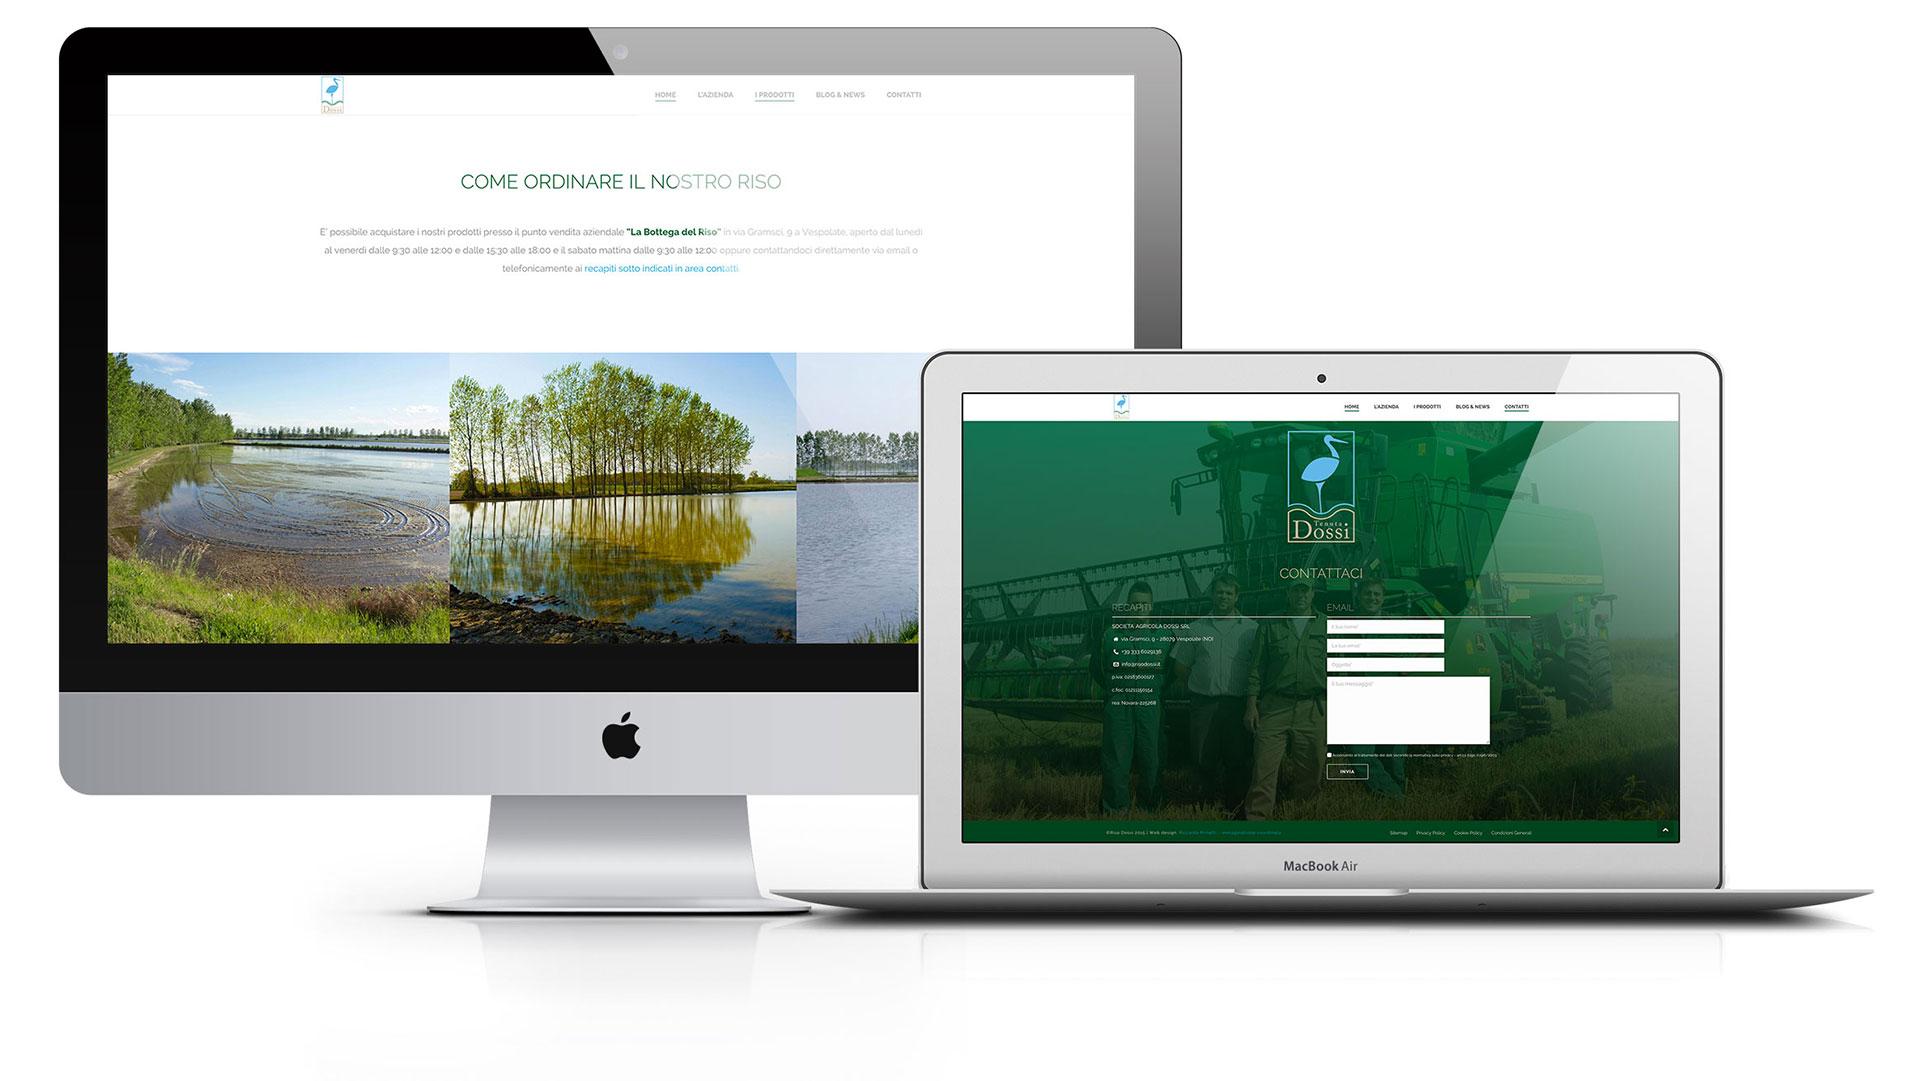 web-design-riso-dossi